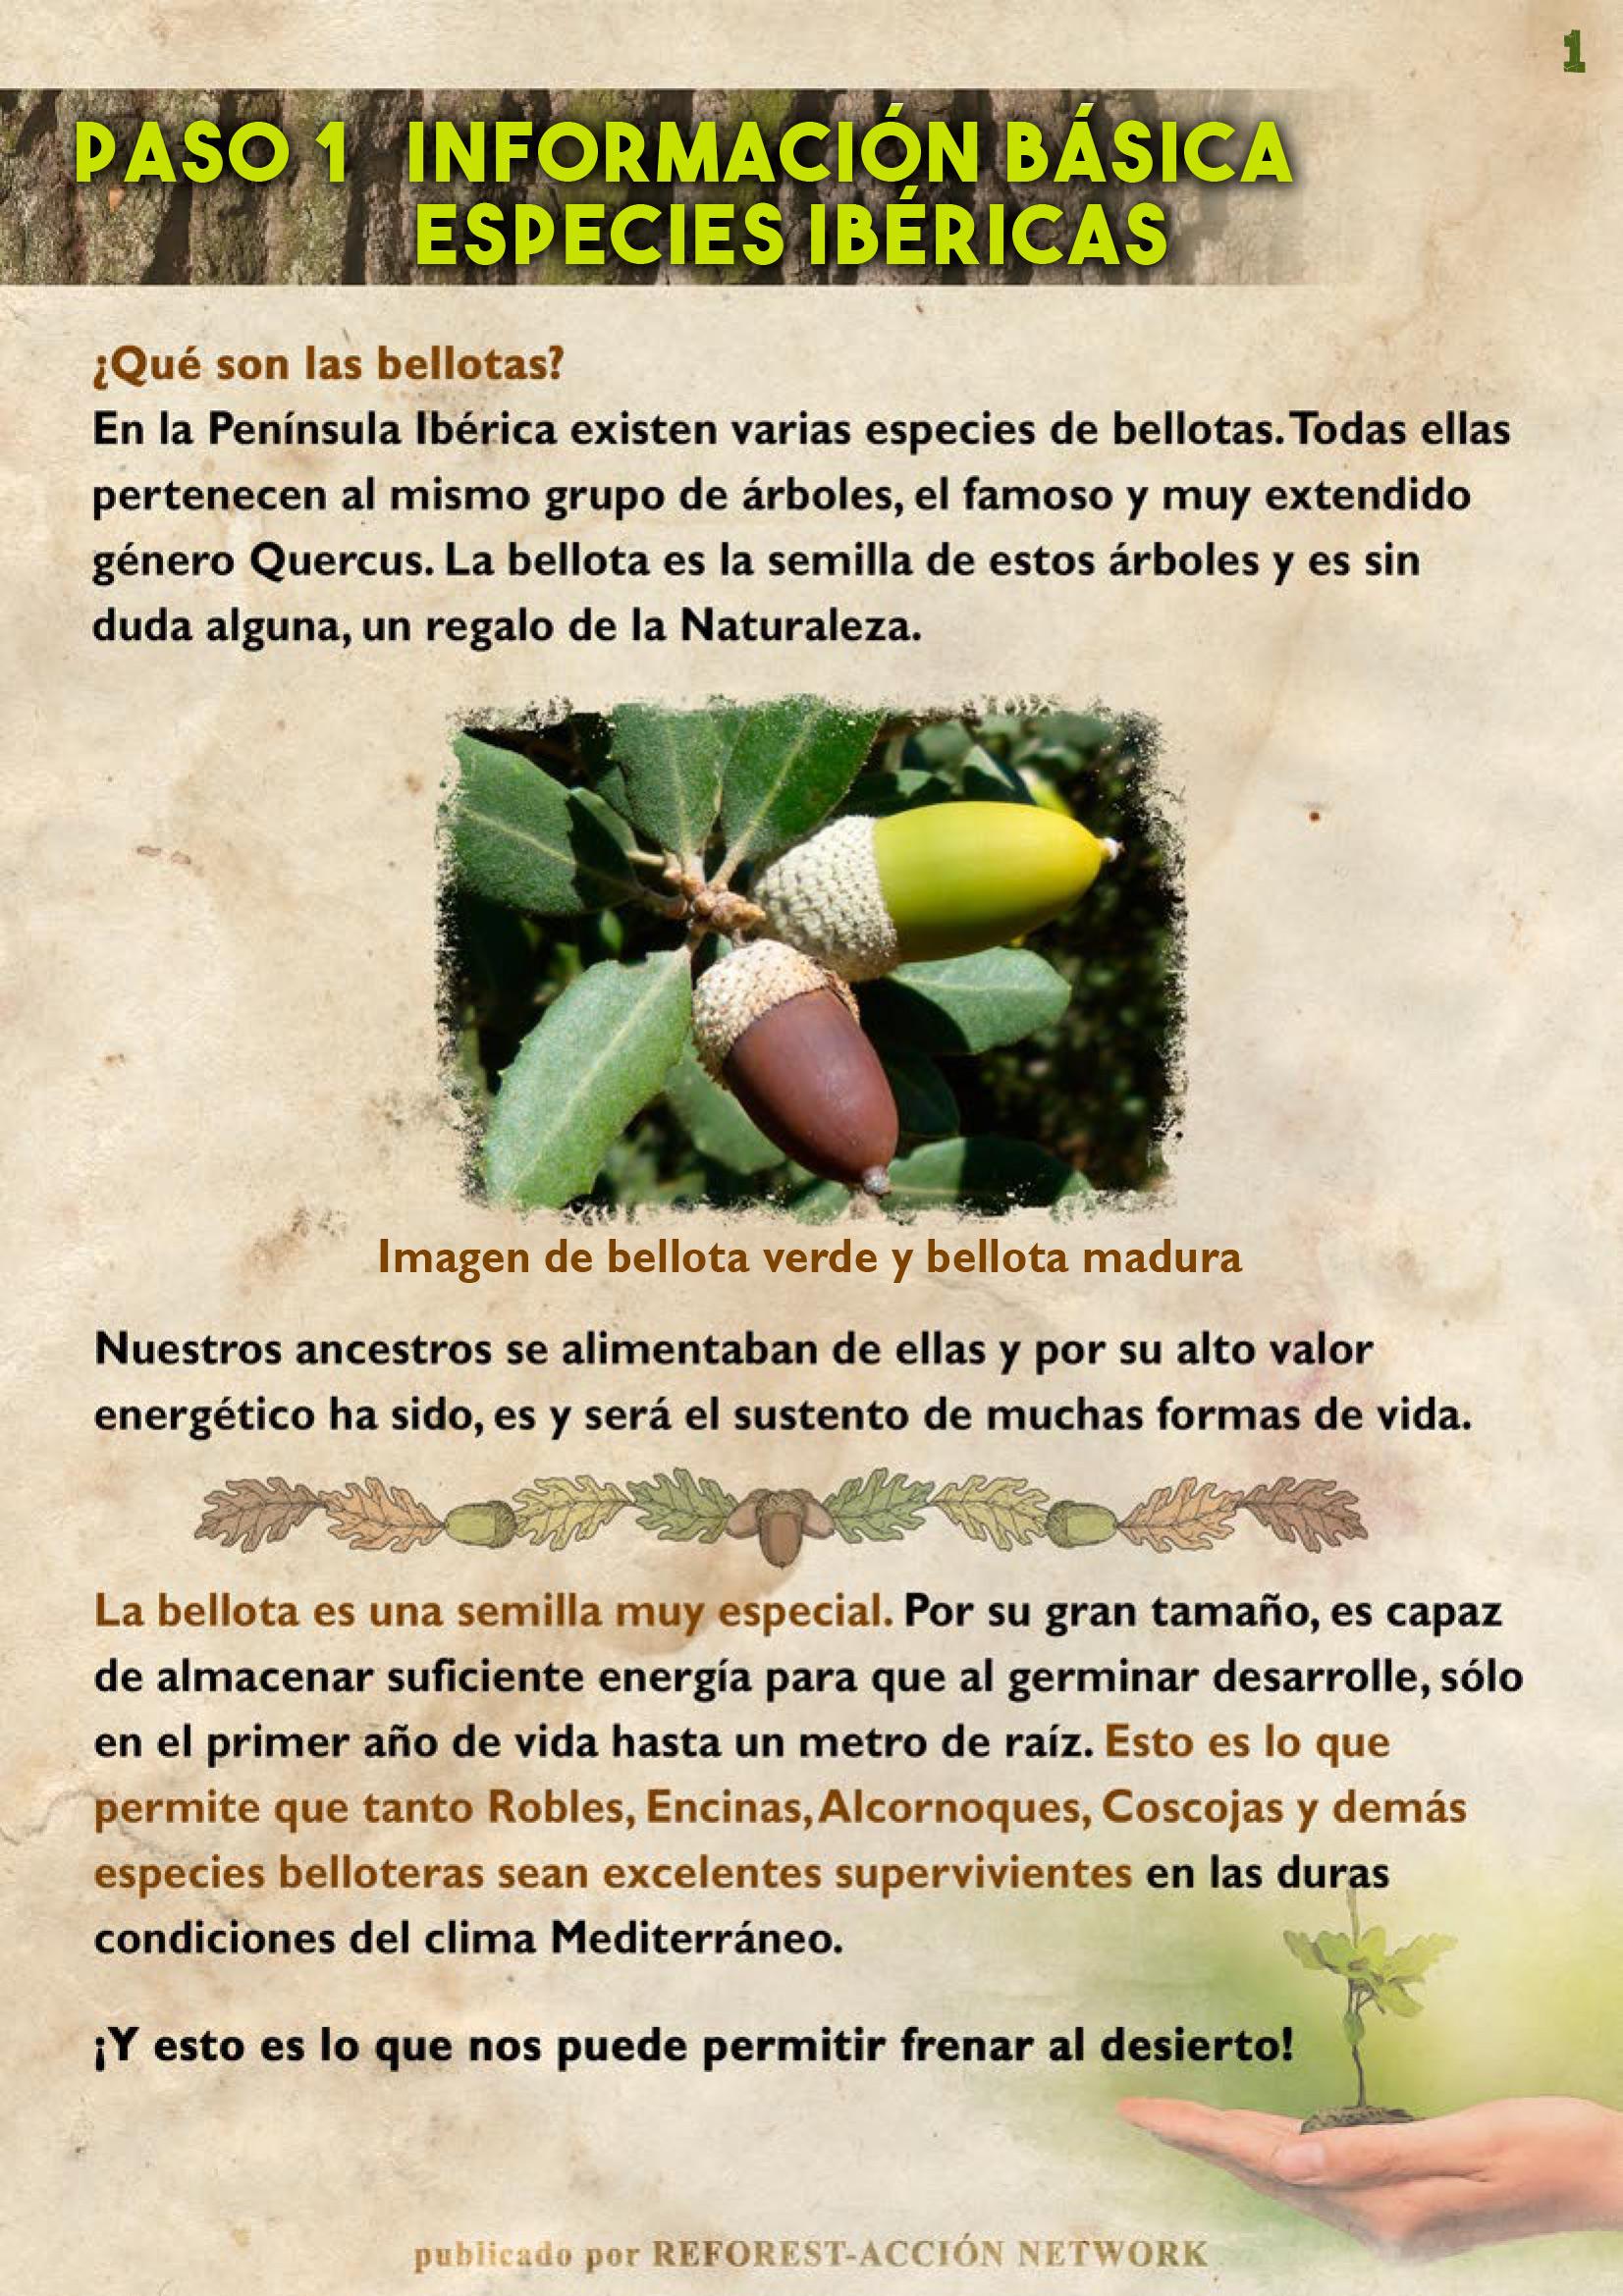 GUIA BELLOTERA - PAG 2